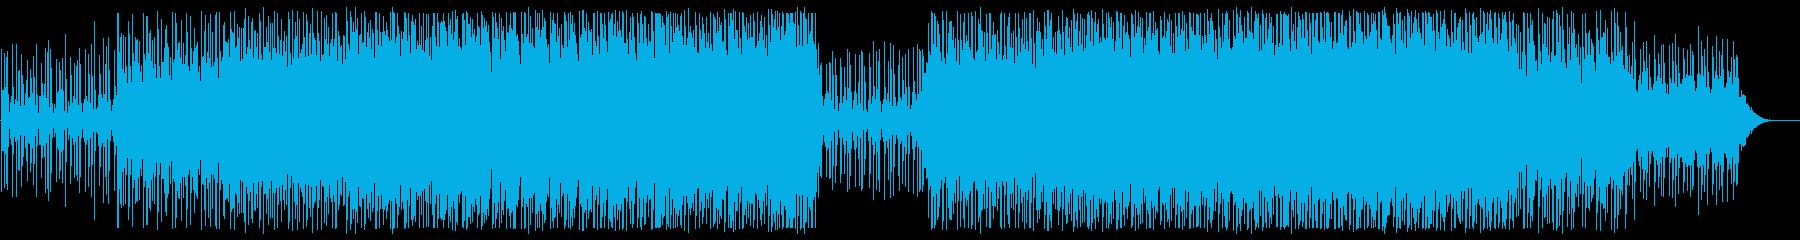 四つ打ちのかわいいシンセミュージックの再生済みの波形